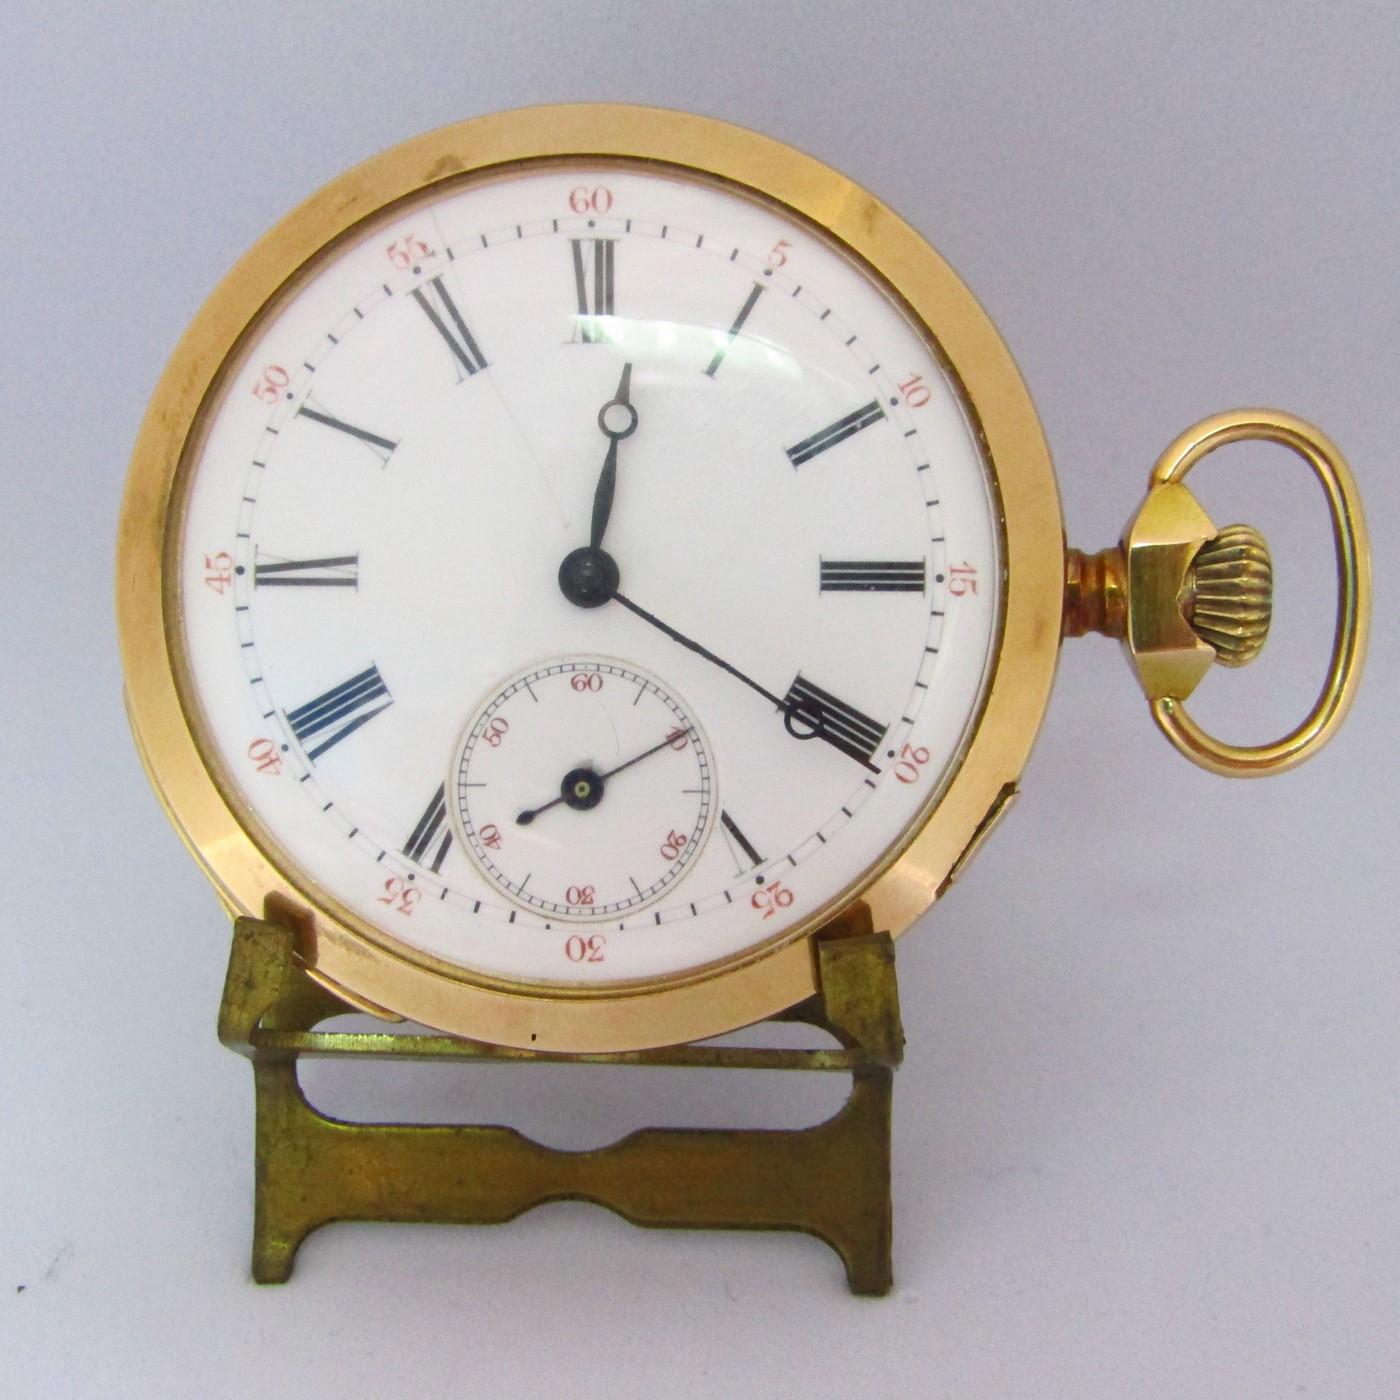 Reloj Suizo de Repetición de Horas y Cuartos, Lepine y Remontoir. Finales siglo XIX. Oro 18k.